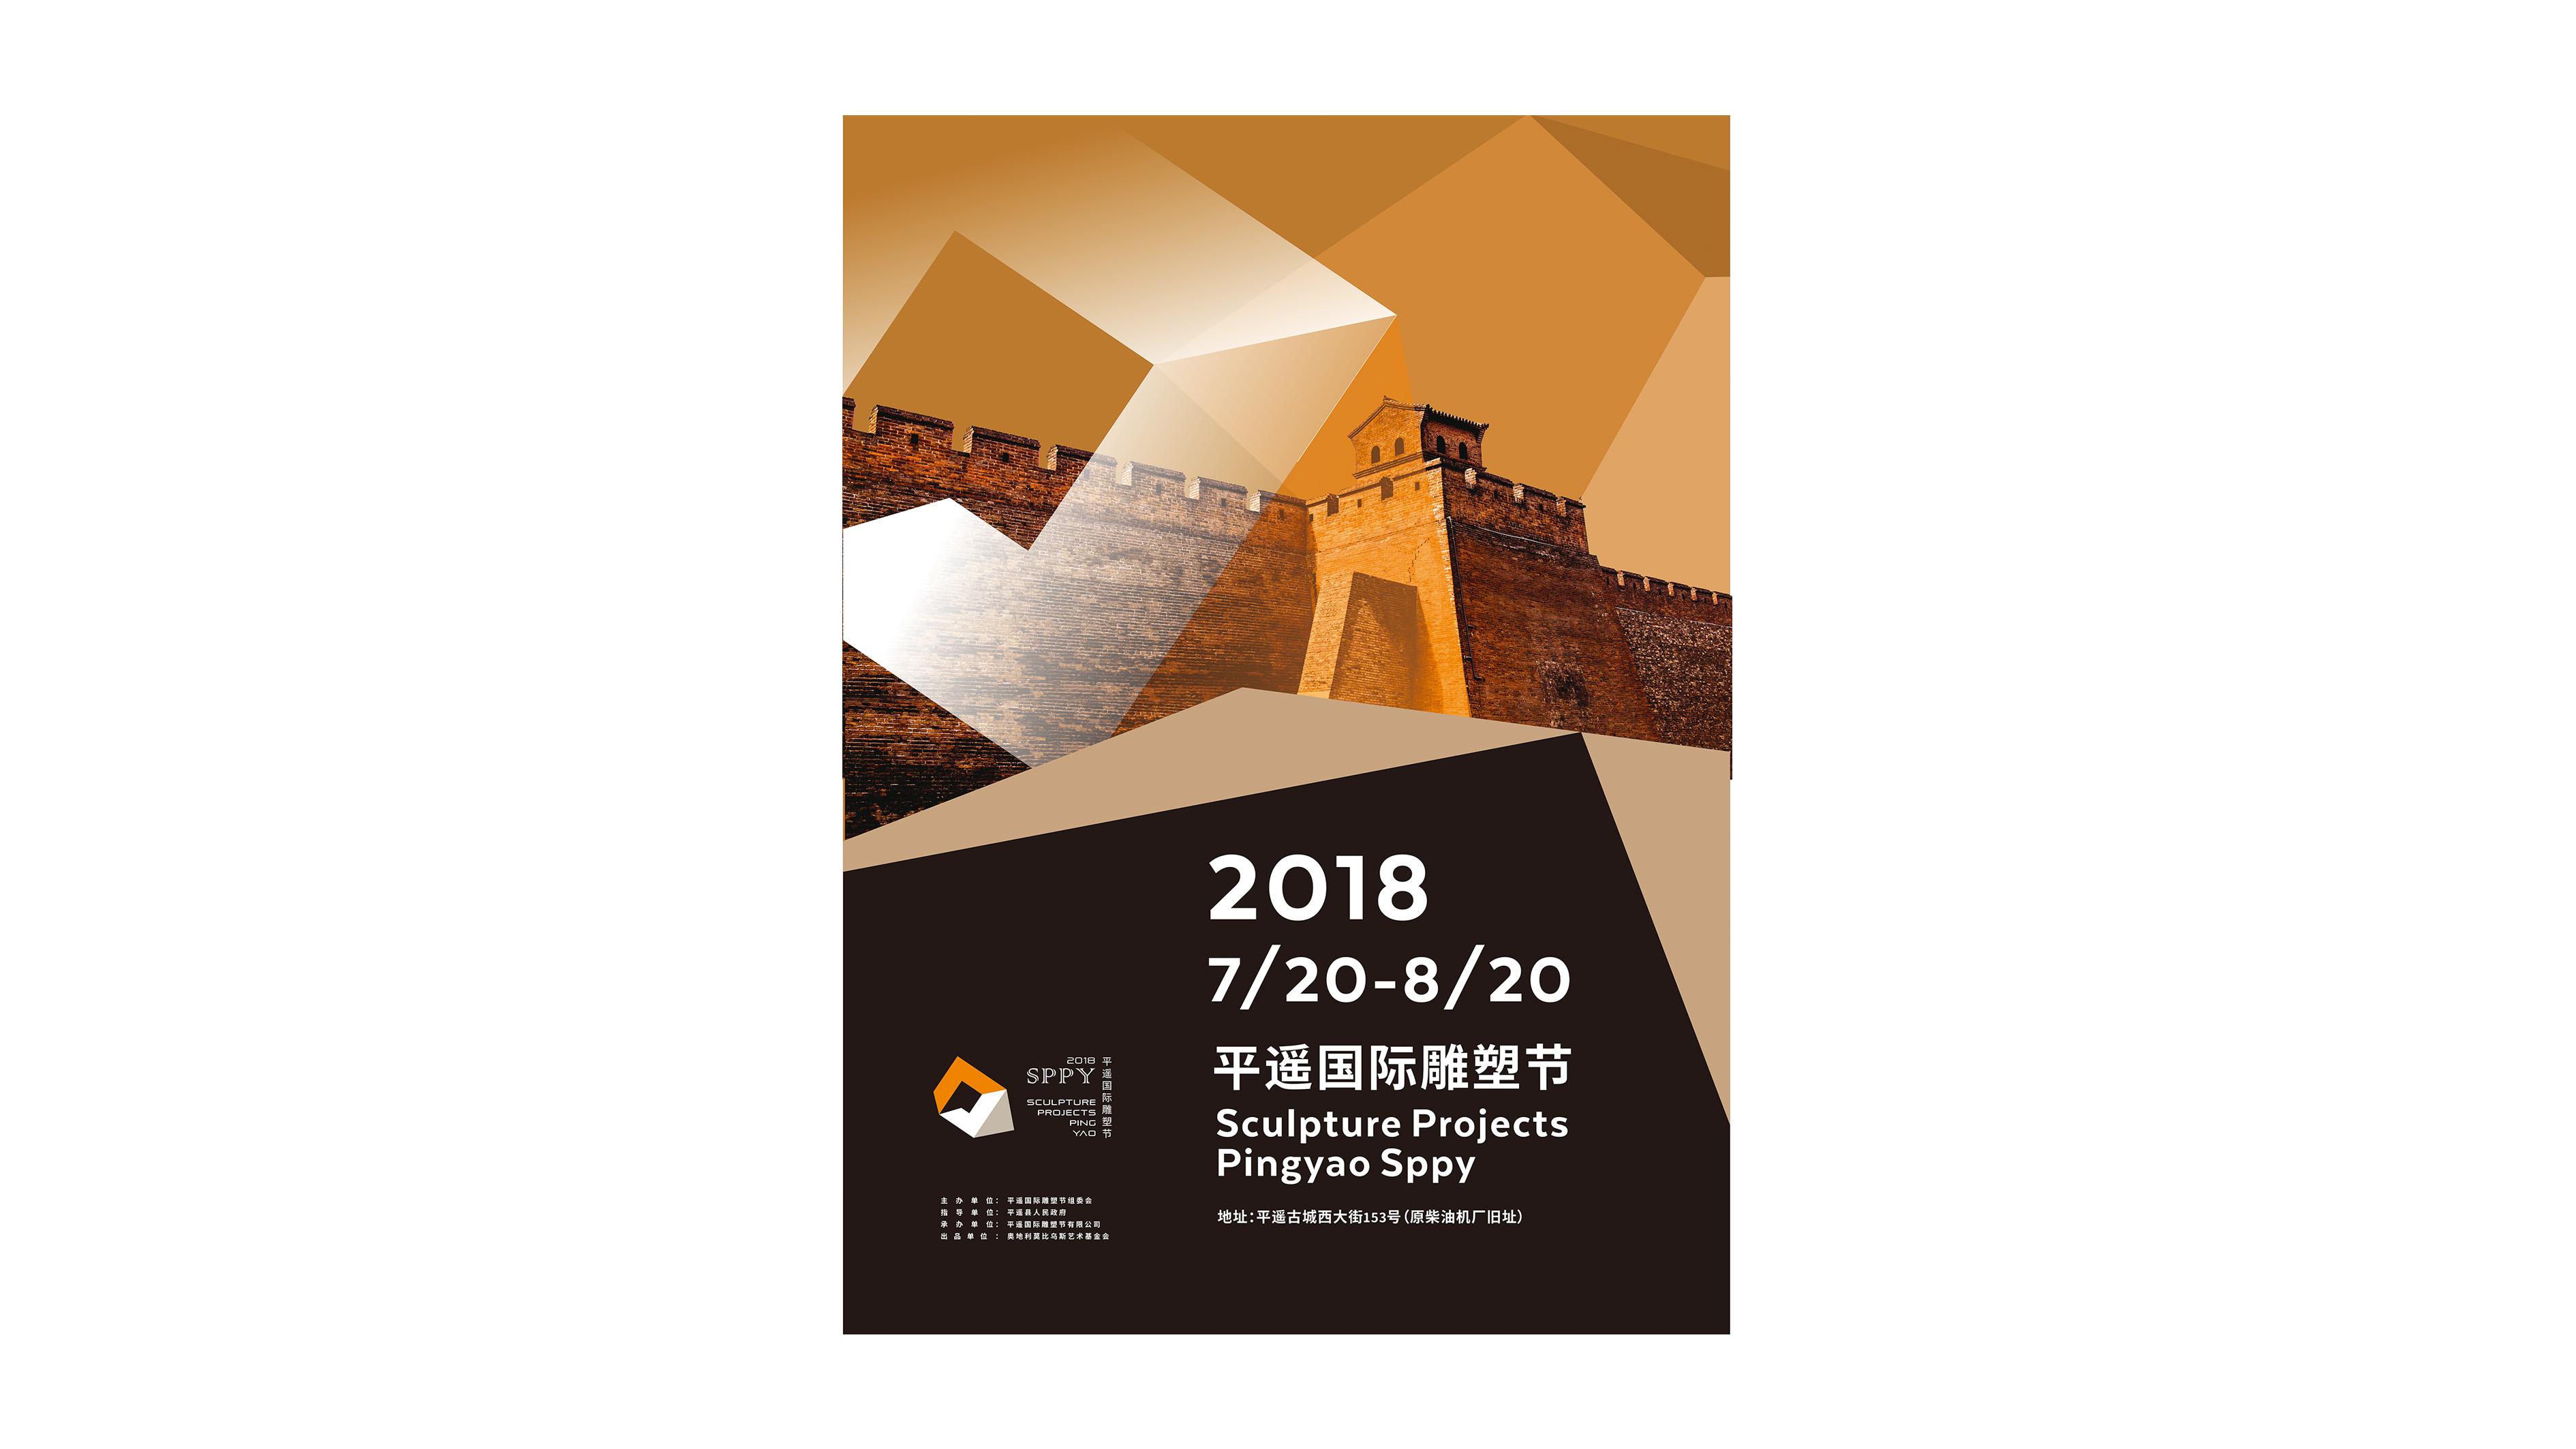 平遥国际雕塑节有限公司(海报)广告单页设计(单面)